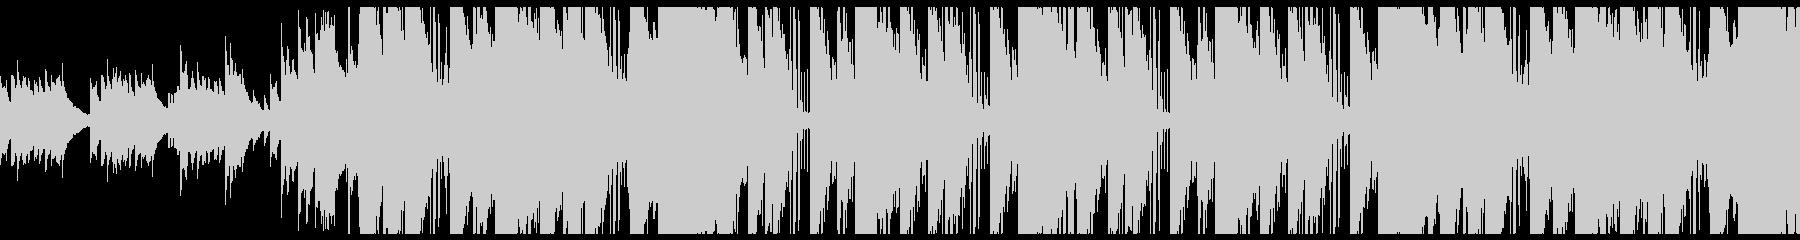 切ないトラップソウル R&Bの未再生の波形